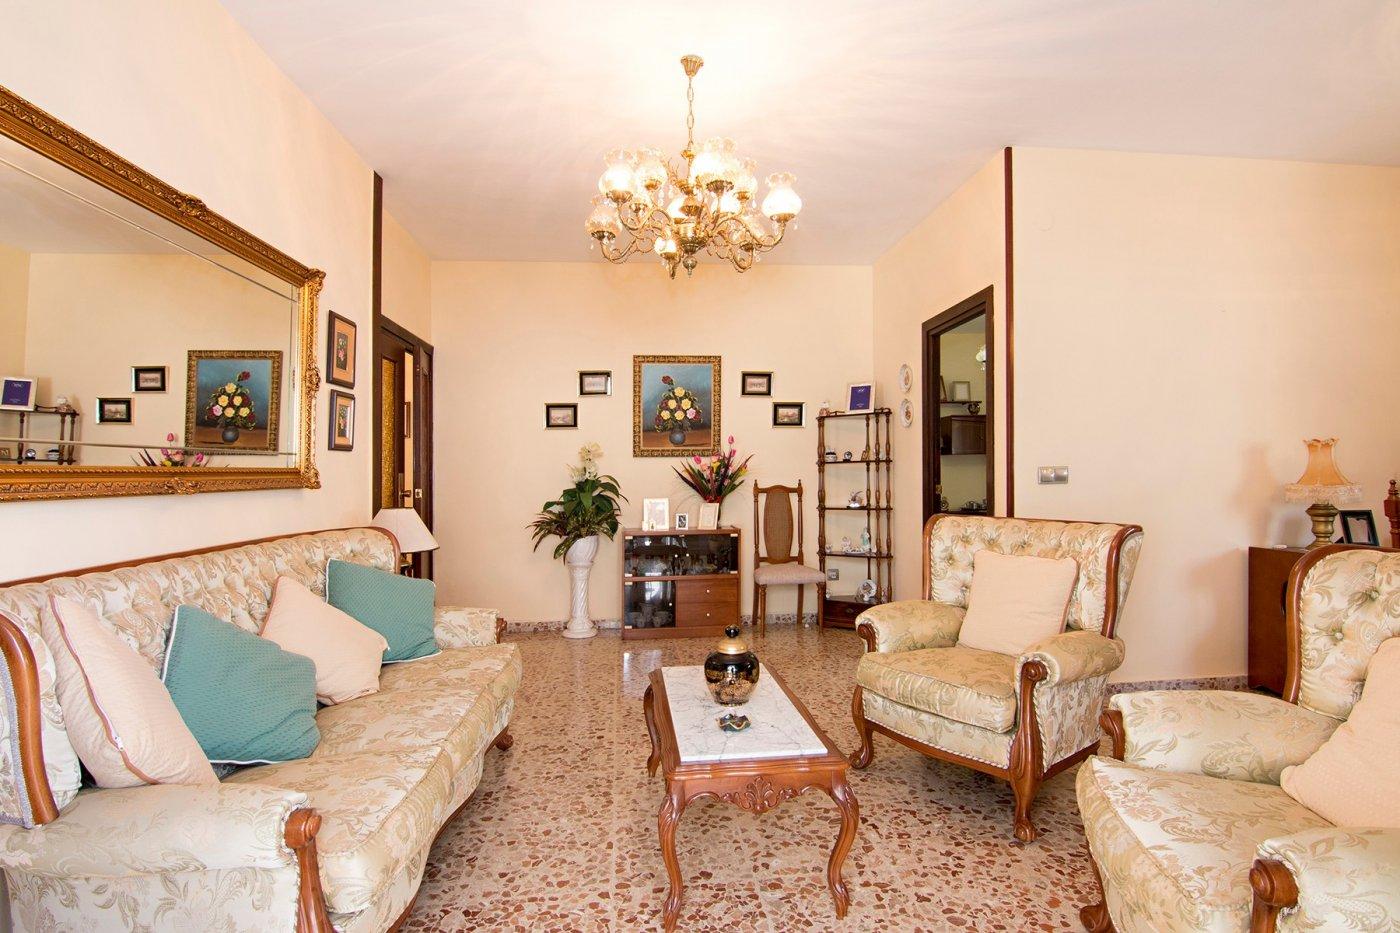 Gran piso con cochera en el centro de Motril, Granada